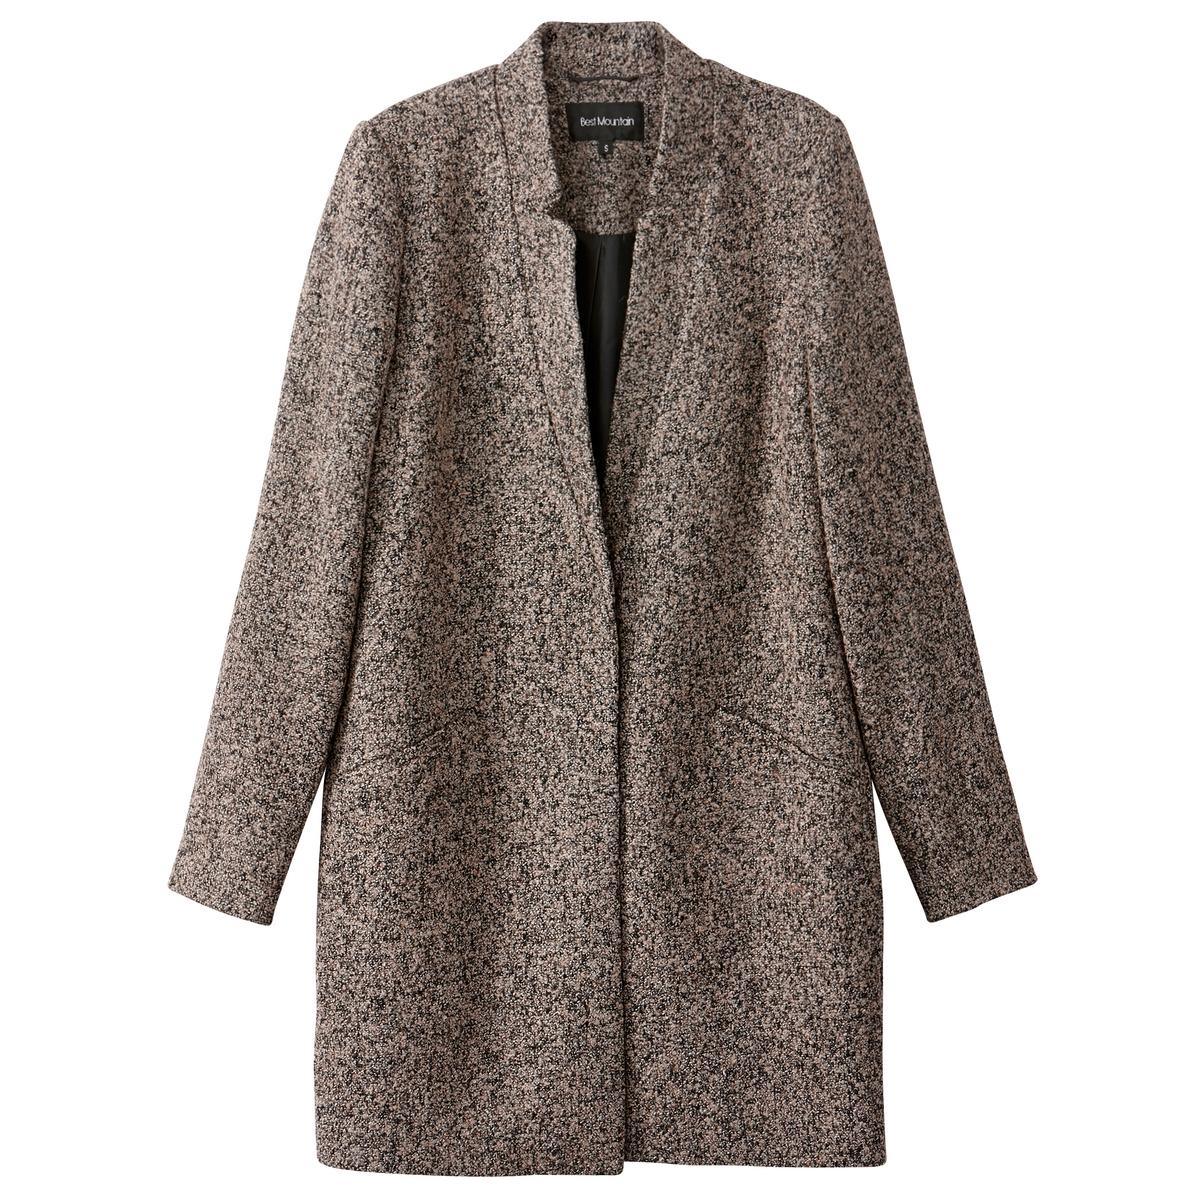 Пальто средней длины xp group женское демисезонное пальто ирма молочный